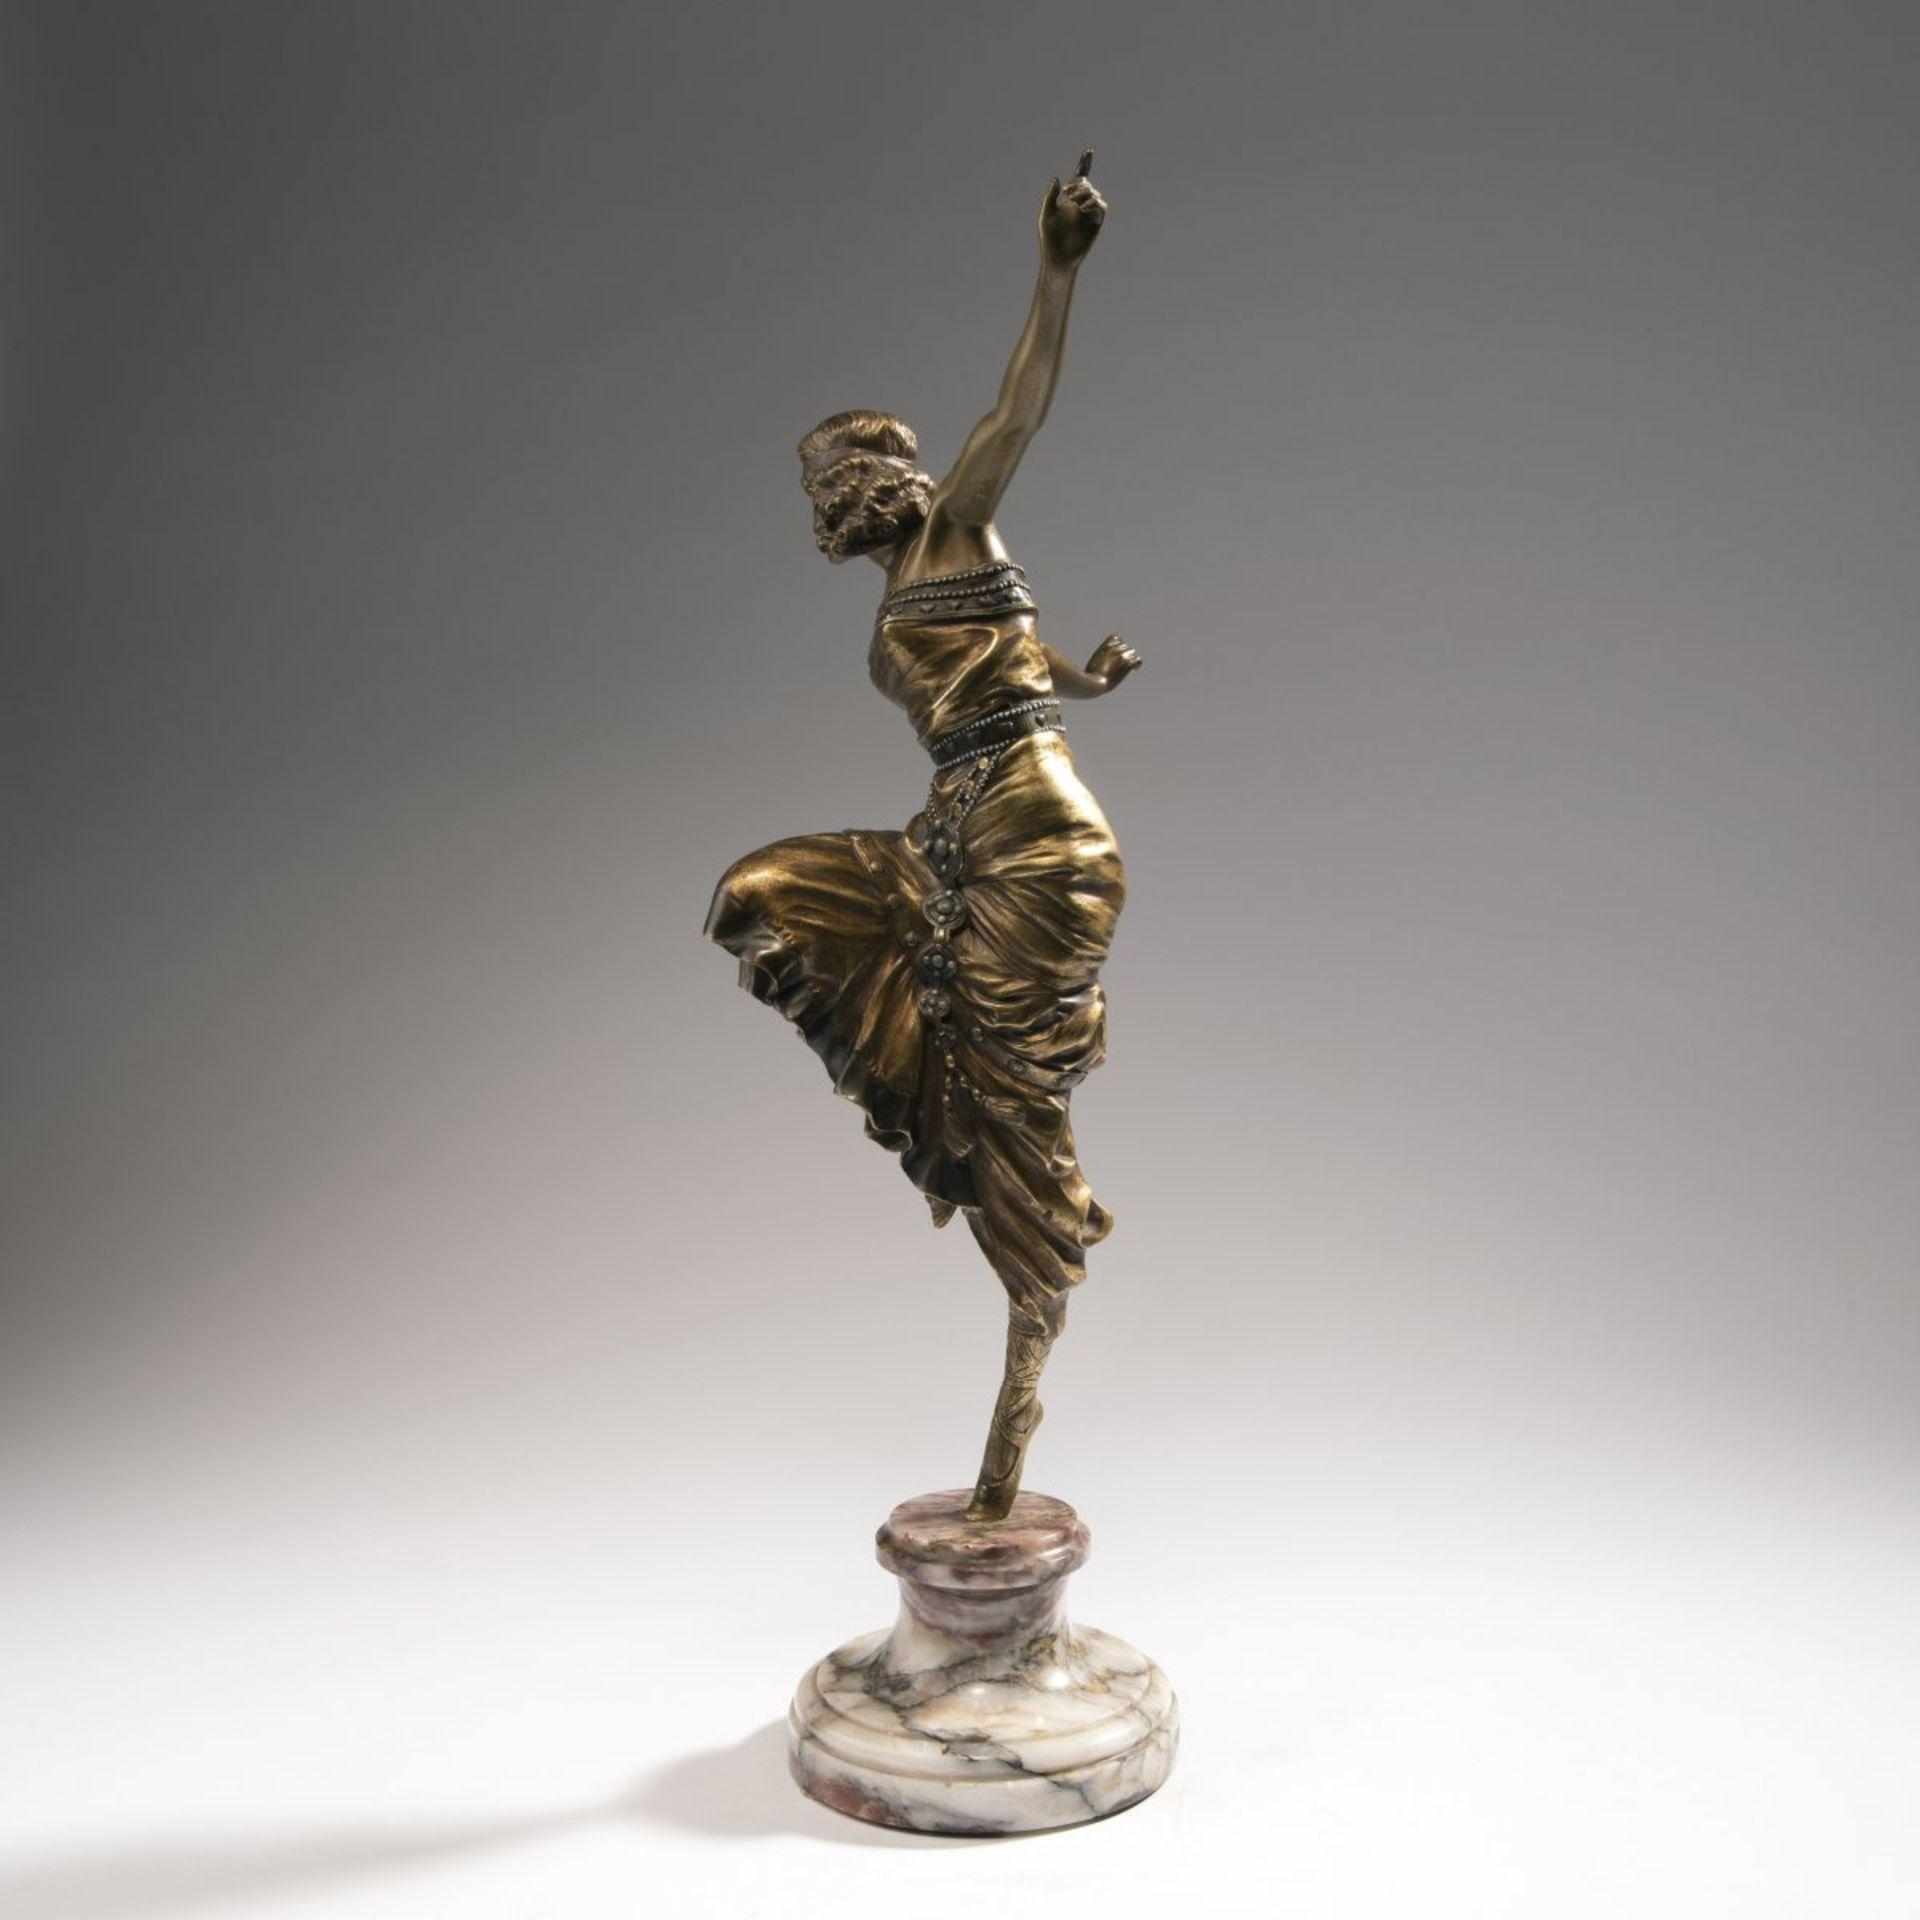 Paul Philippe, 'Große Russische Tänzerin', 1920er Jahre - Bild 3 aus 8